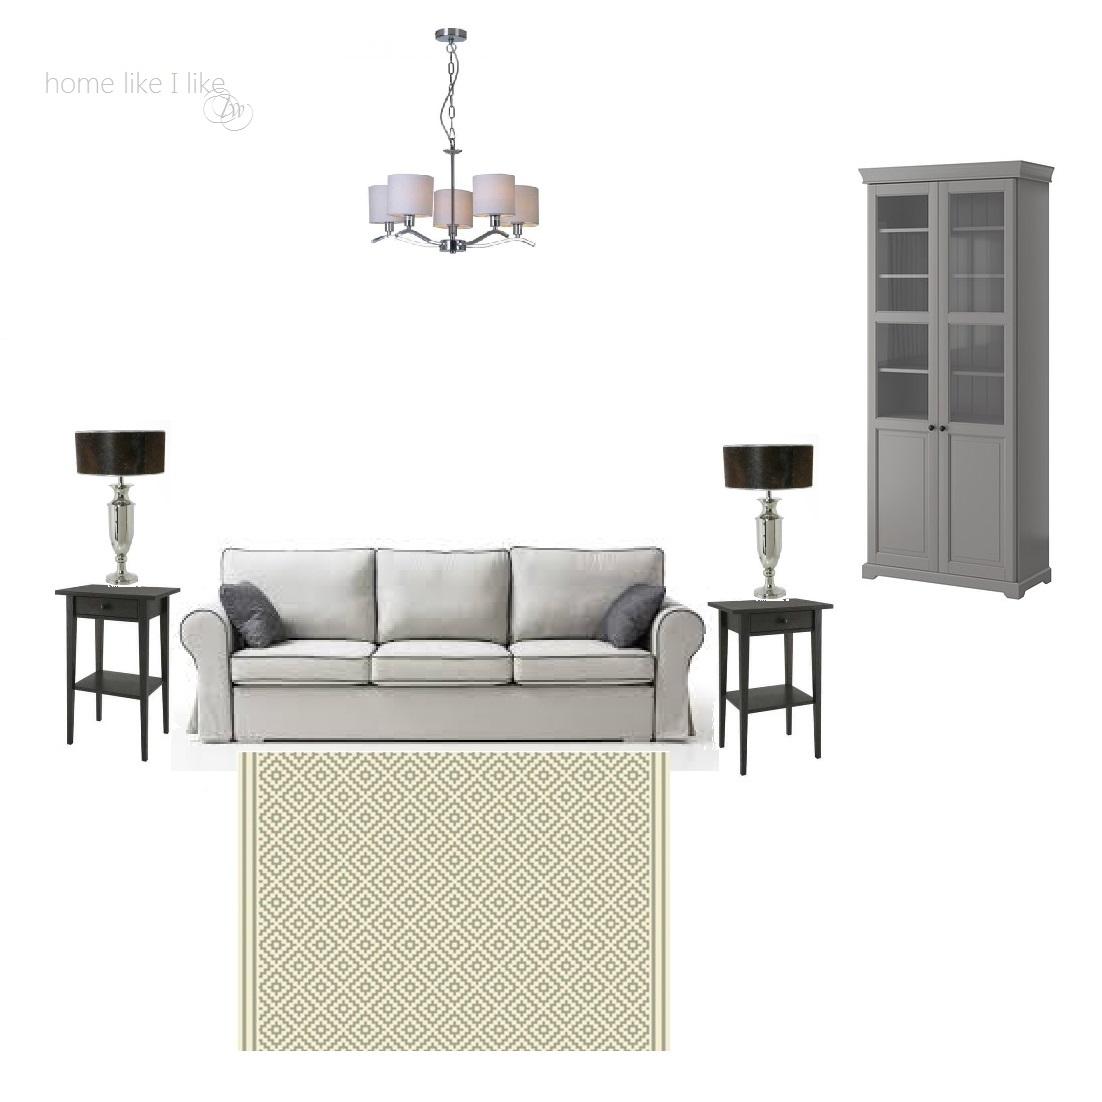 pierwsze mieszkanie mood board - homelikeilike.com